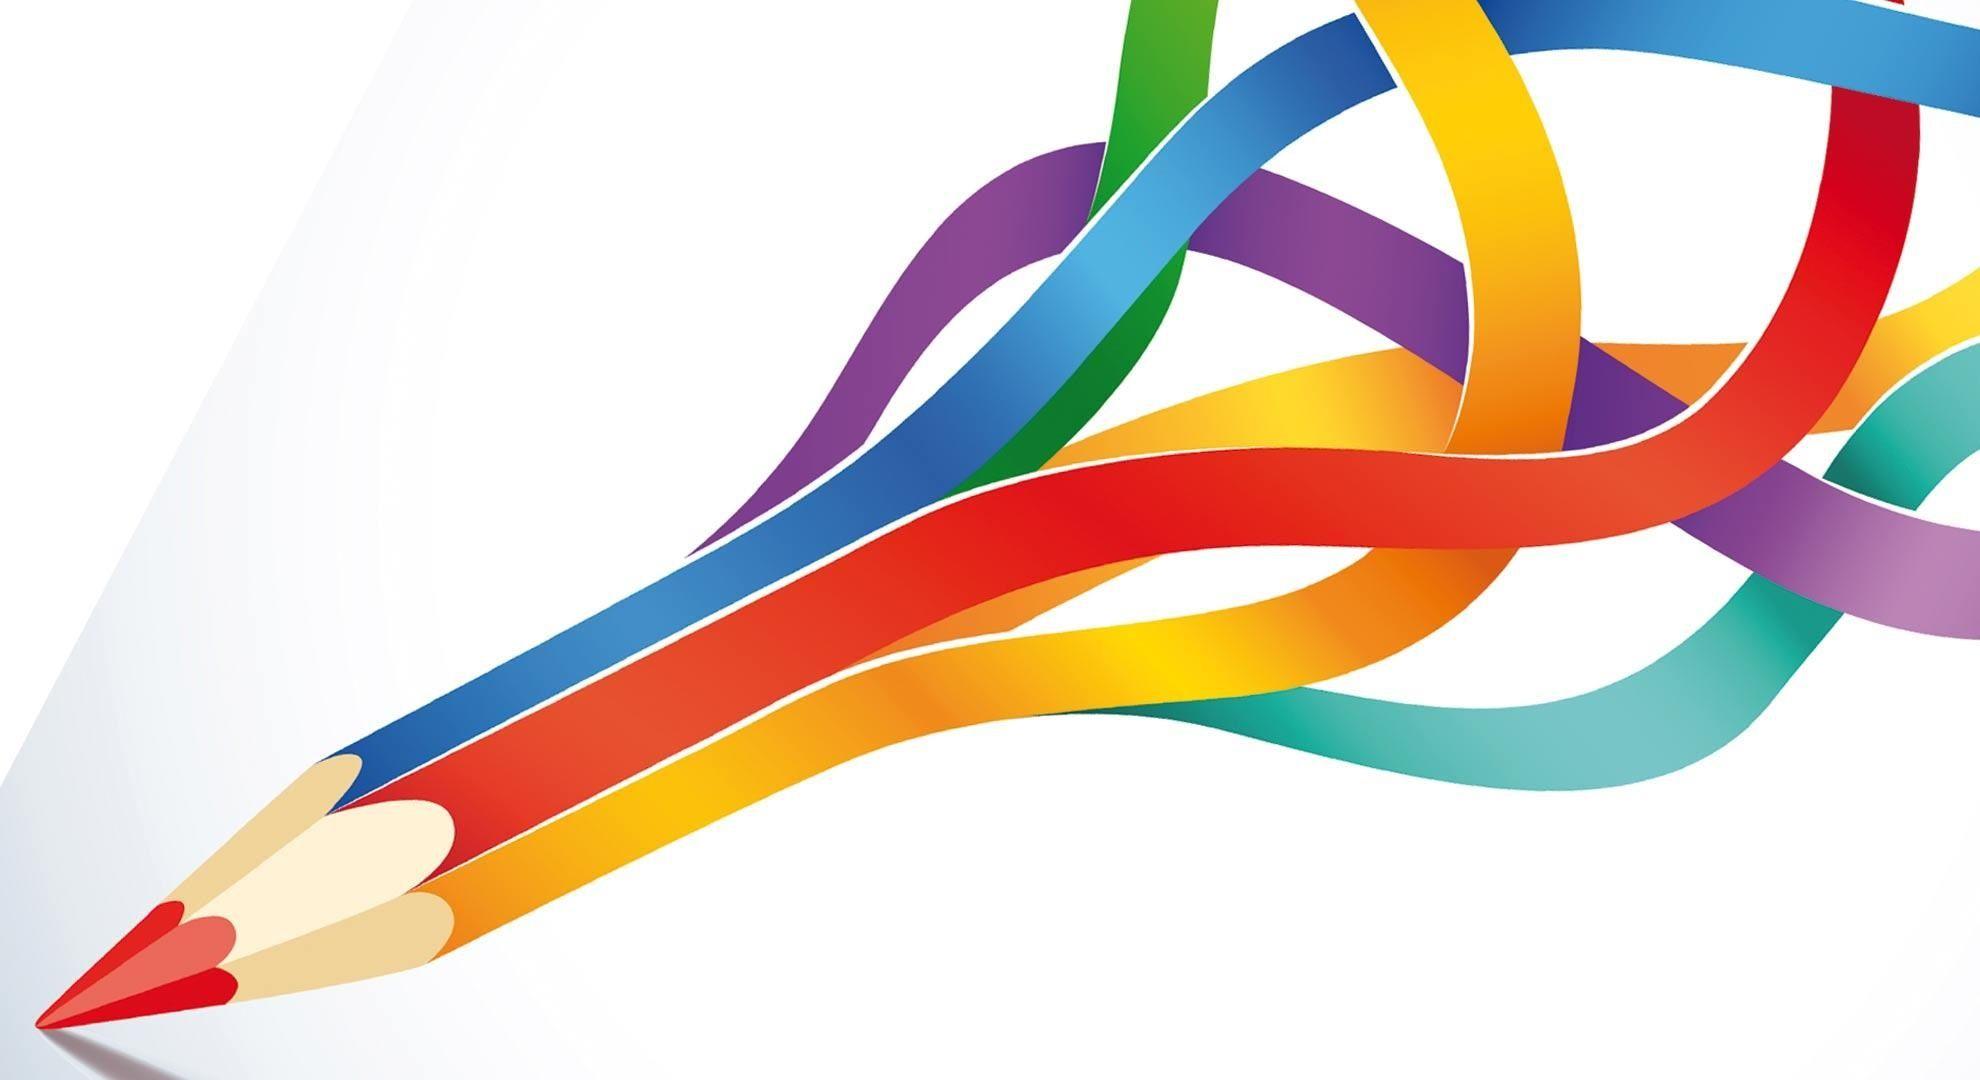 Logo Tasarlarken Nelere Dikkat Edilmeli?